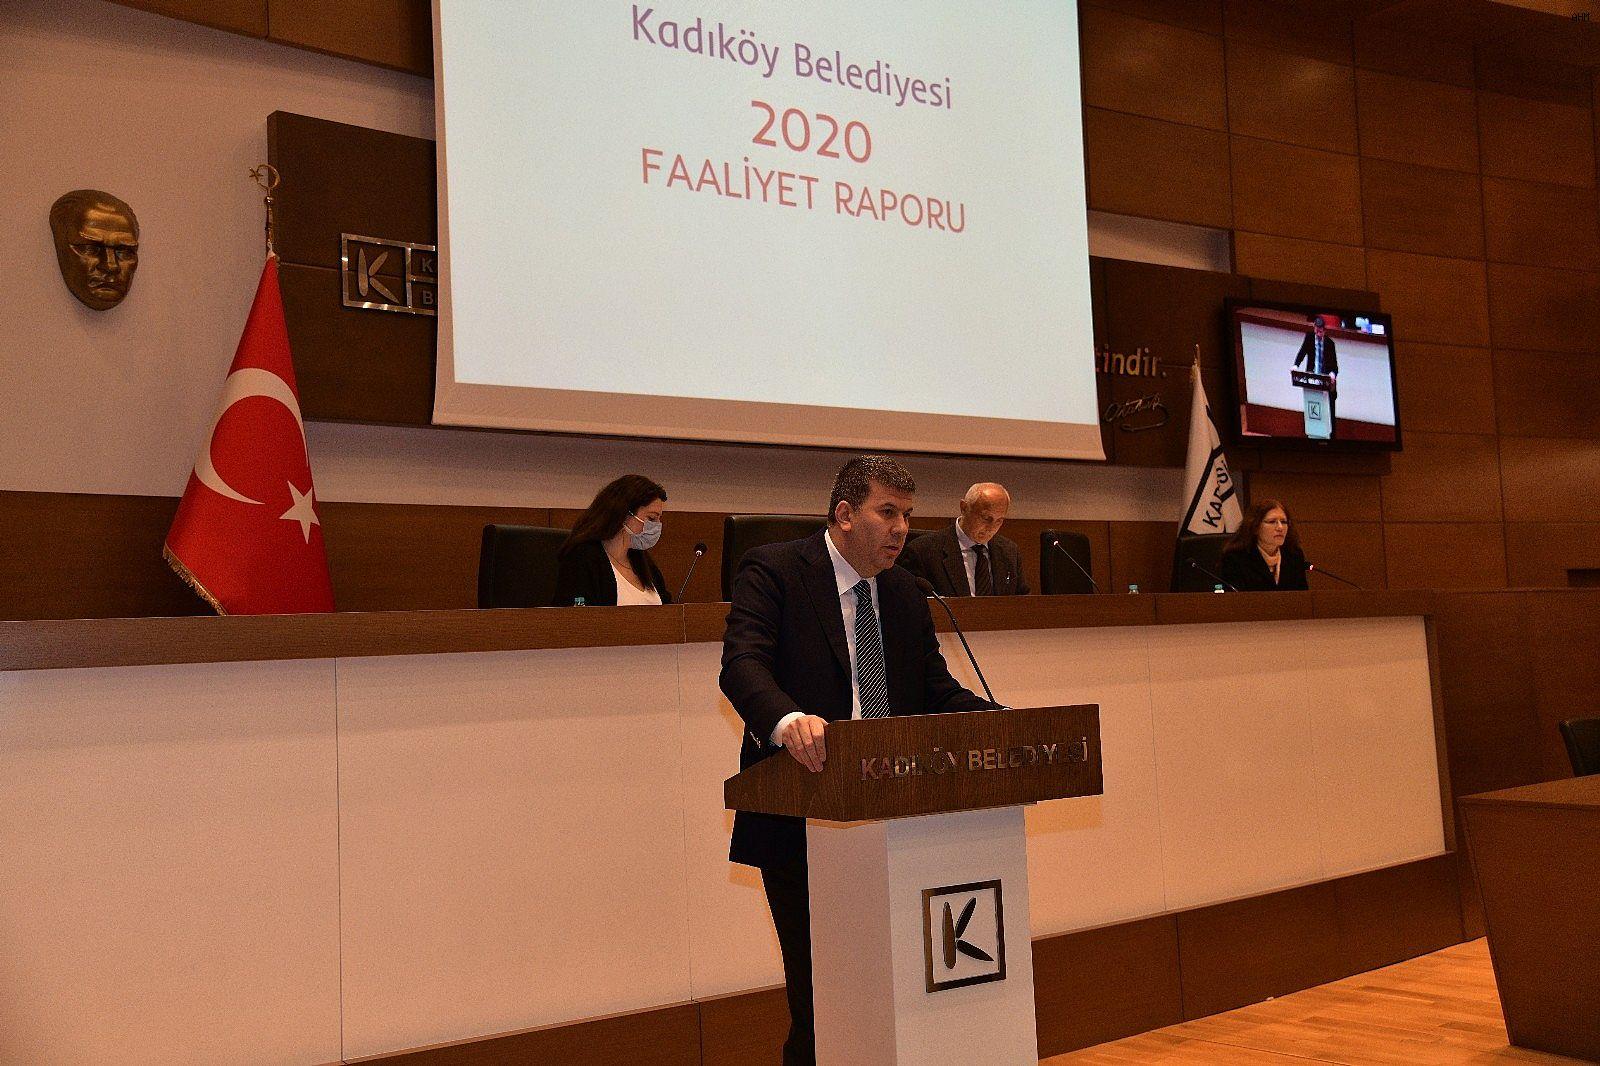 2021/04/kadikoy-belediyesi-2020-faaliyet-raporu-kabul-edildi-20210408AW29-3.jpg